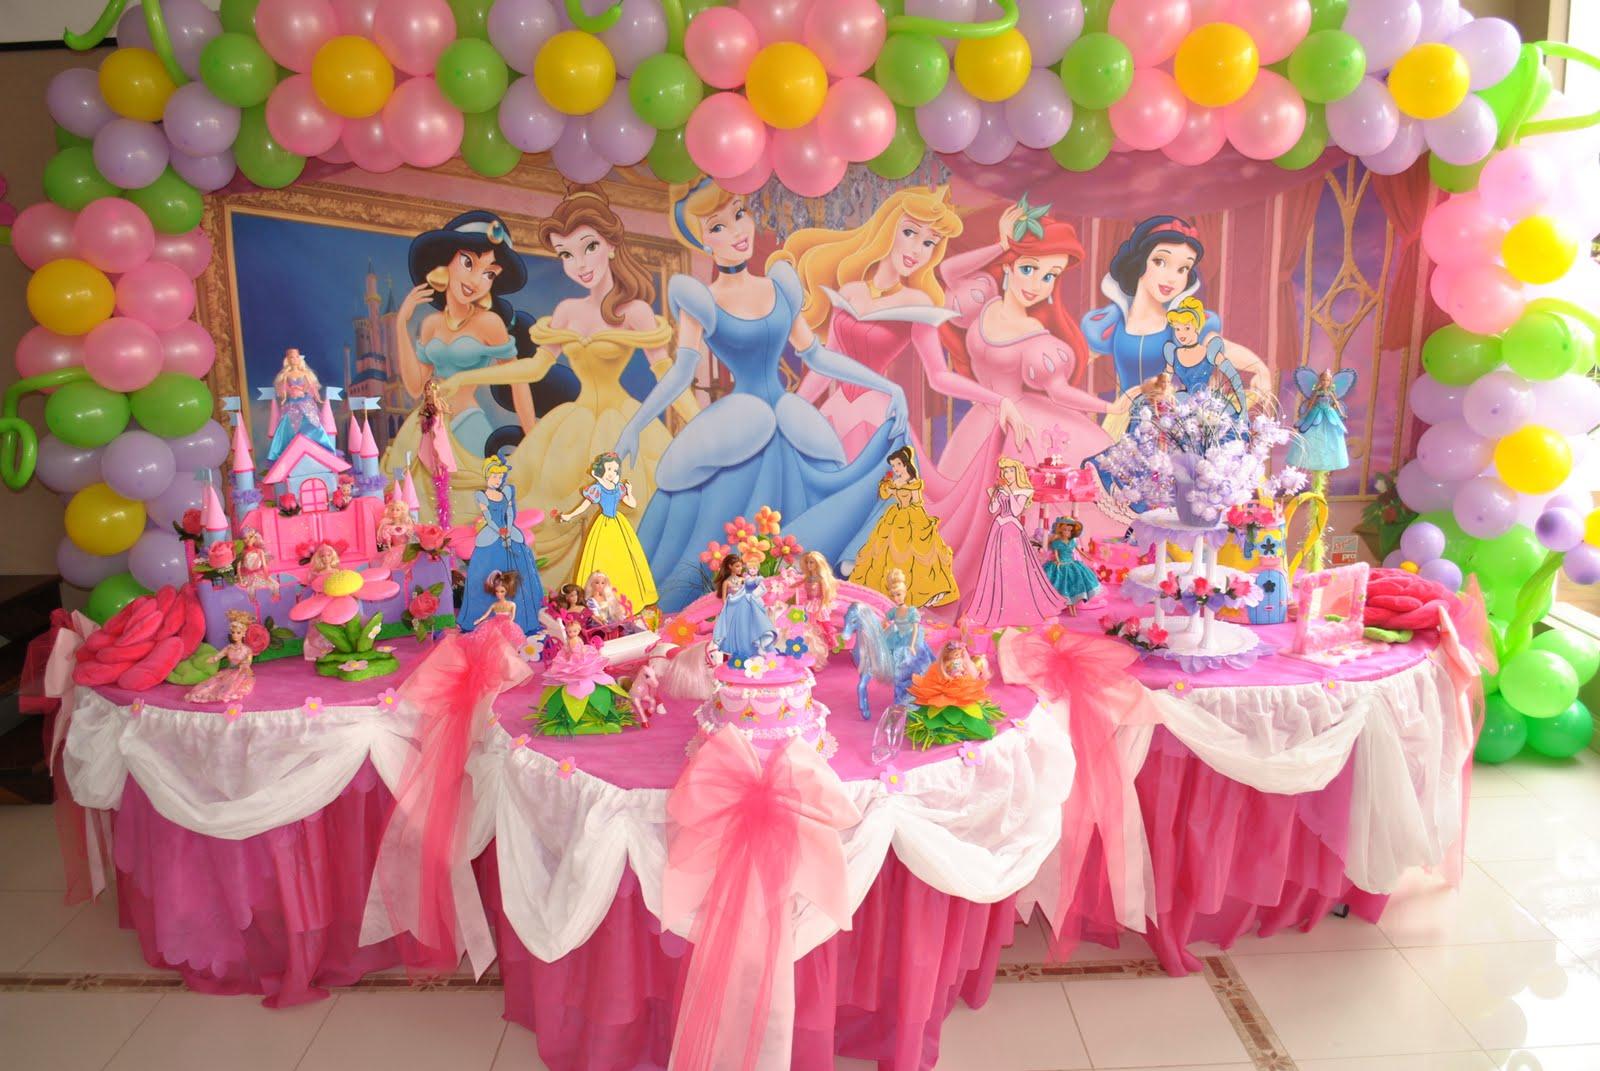 Как сделать день рождения в стиле принцесс фото